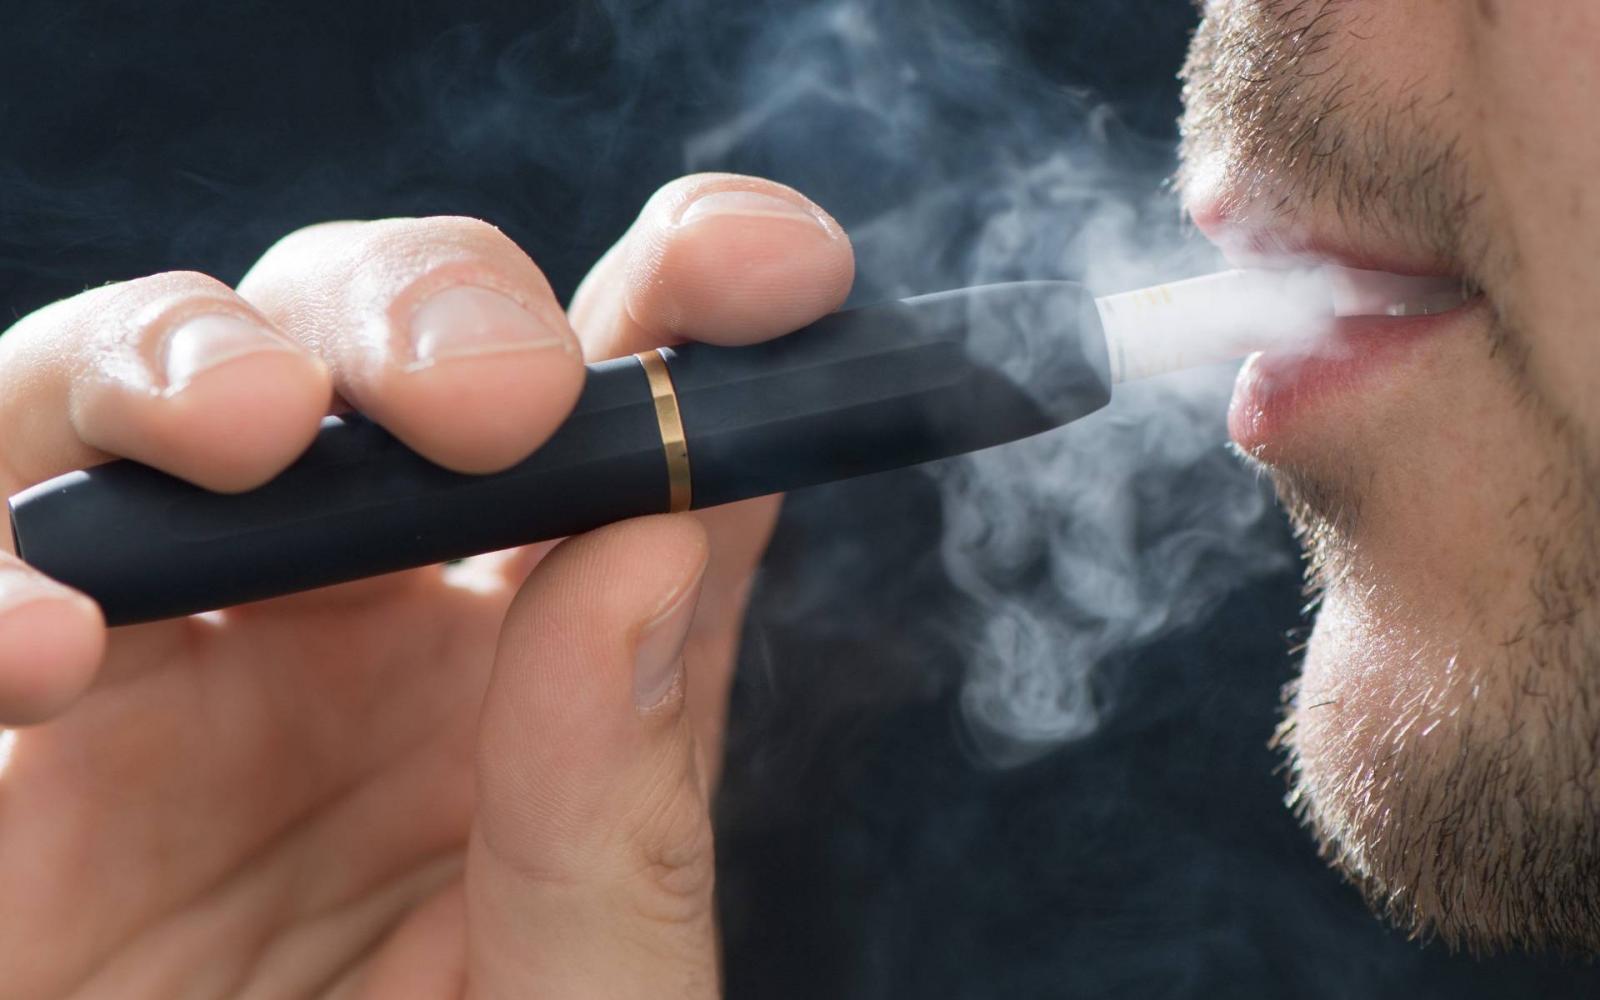 elektronikus cigaretta magas vérnyomás)